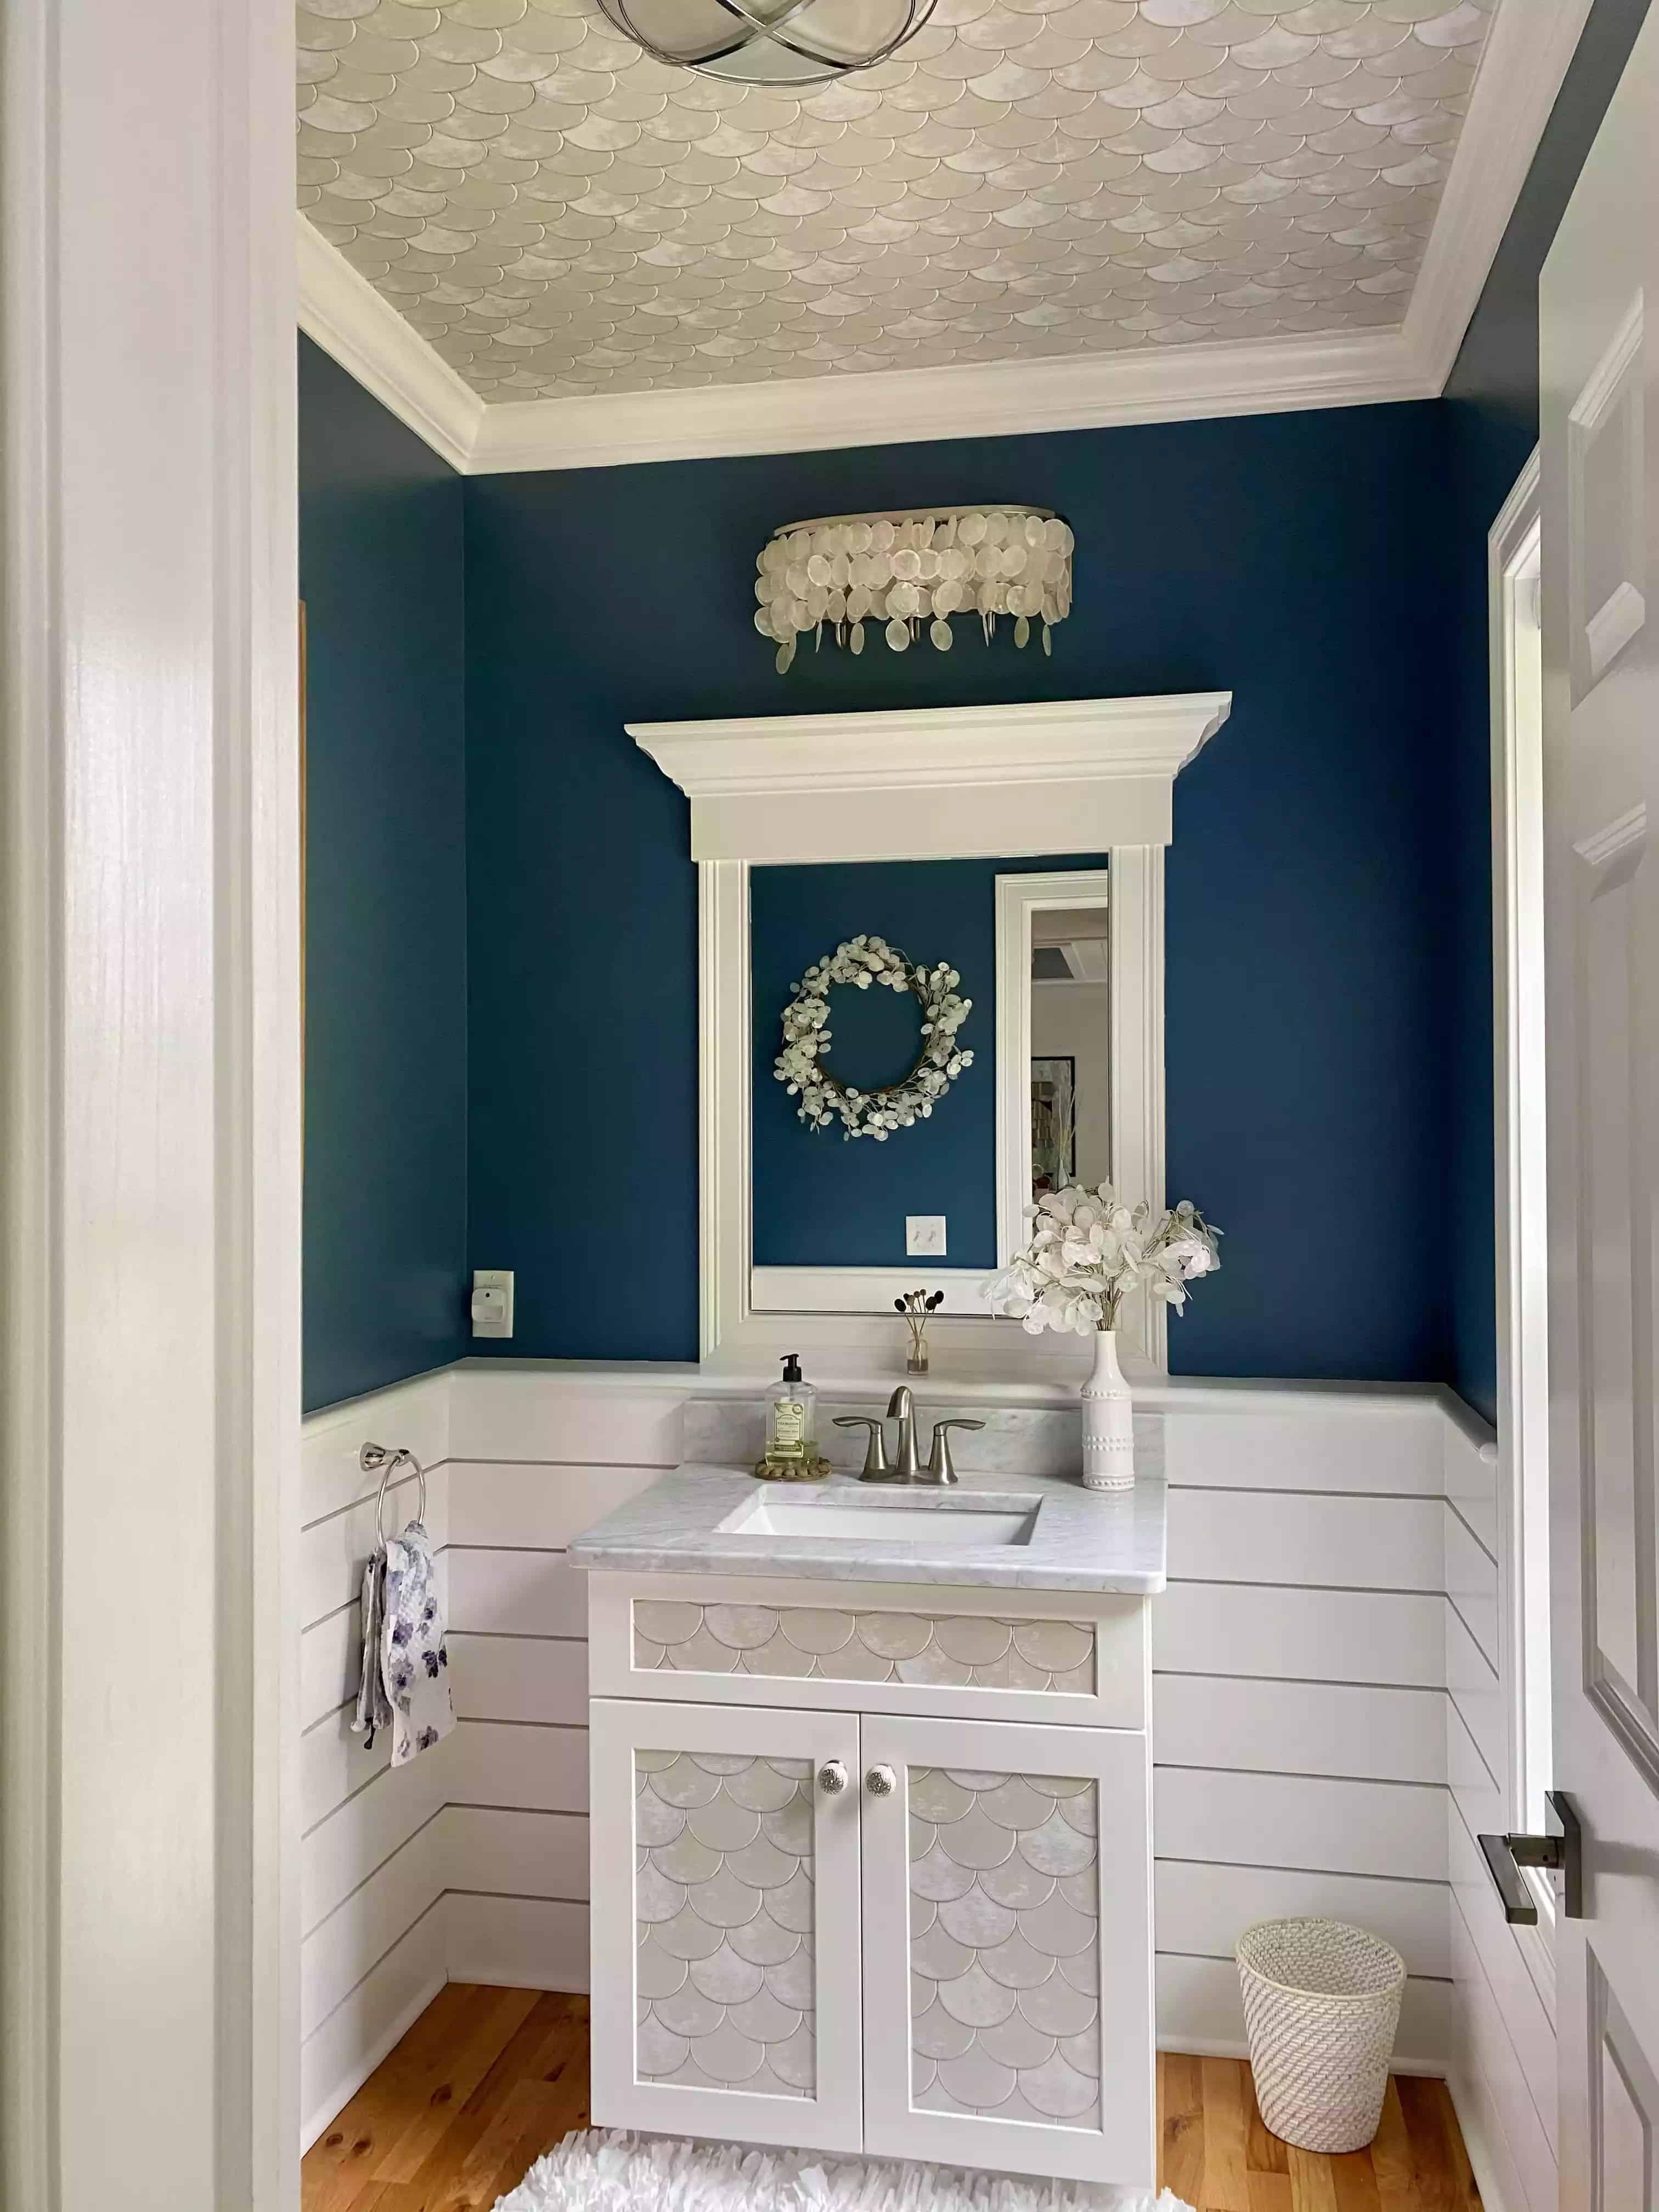 風格色感的獨特創新,於室內設計、空間設計的專業領域裡勇於嘗試